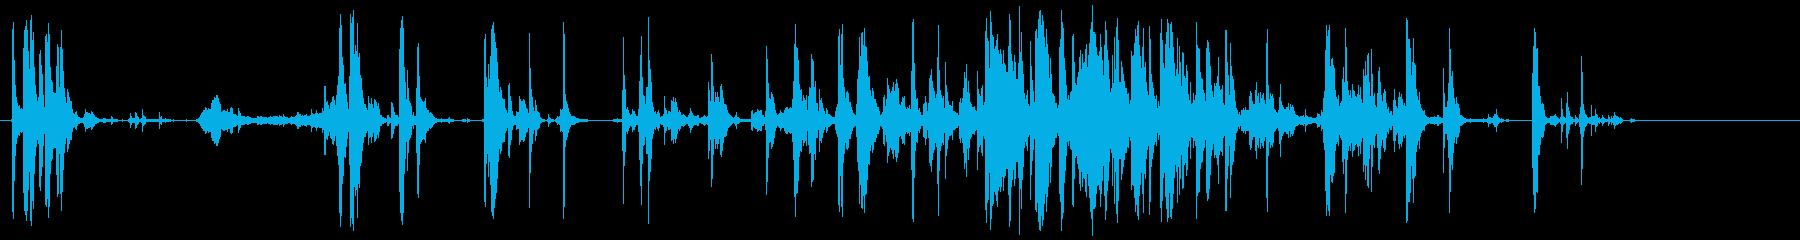 戦闘シーン-2人の男性-うめき声-...の再生済みの波形